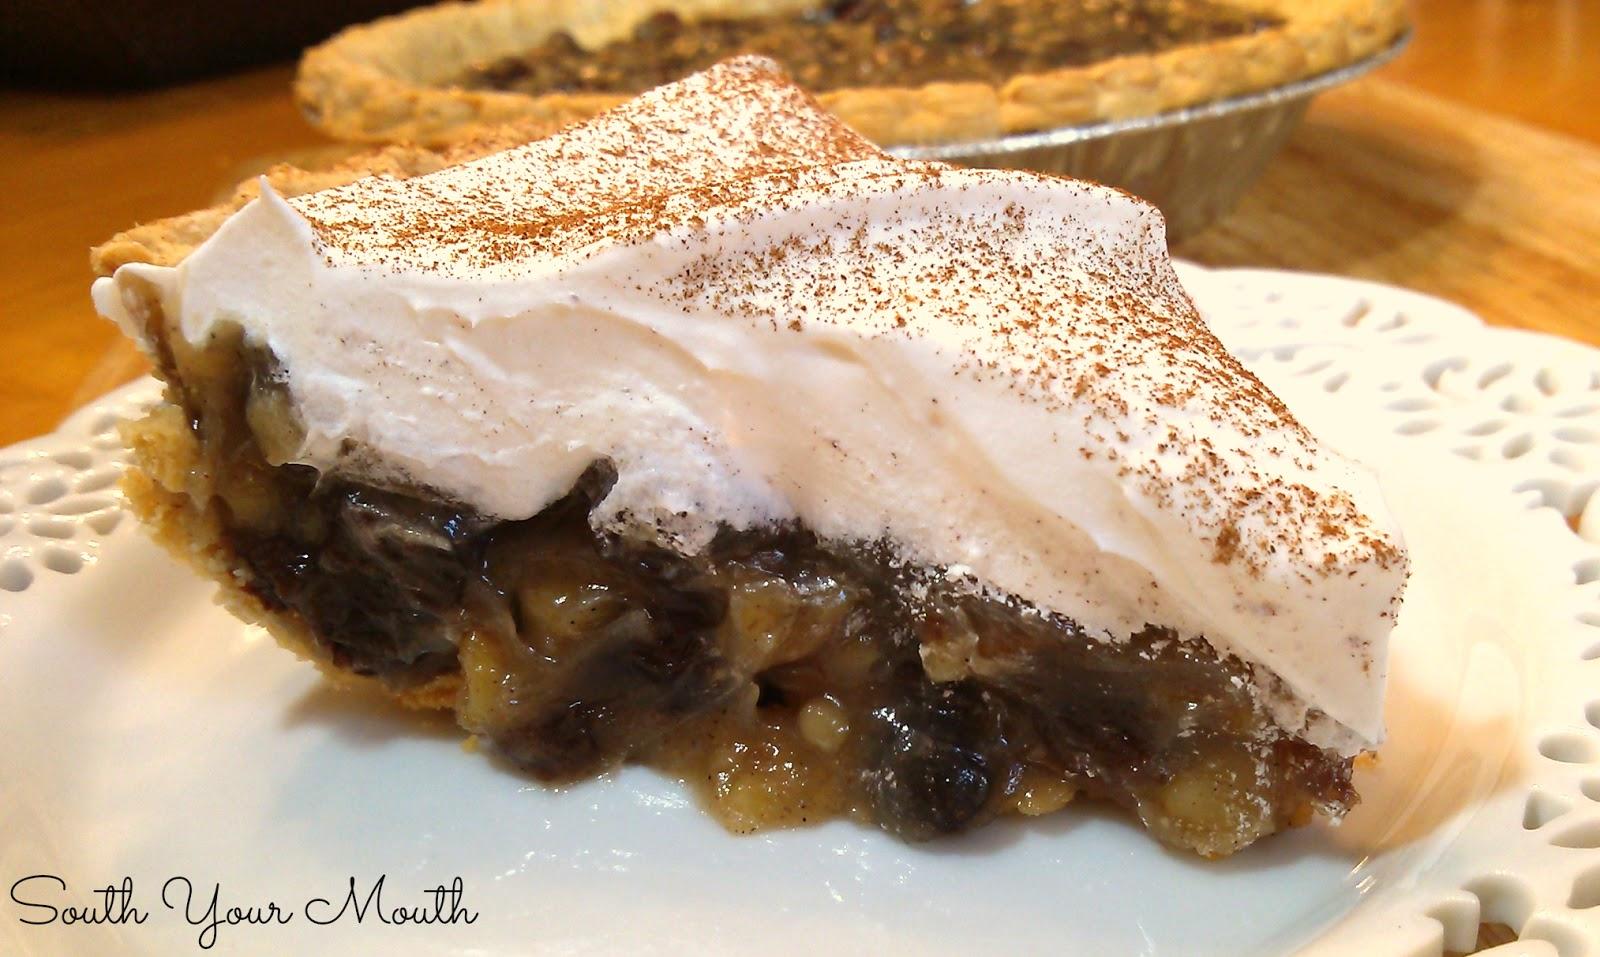 Sour Cream Raisib Cake